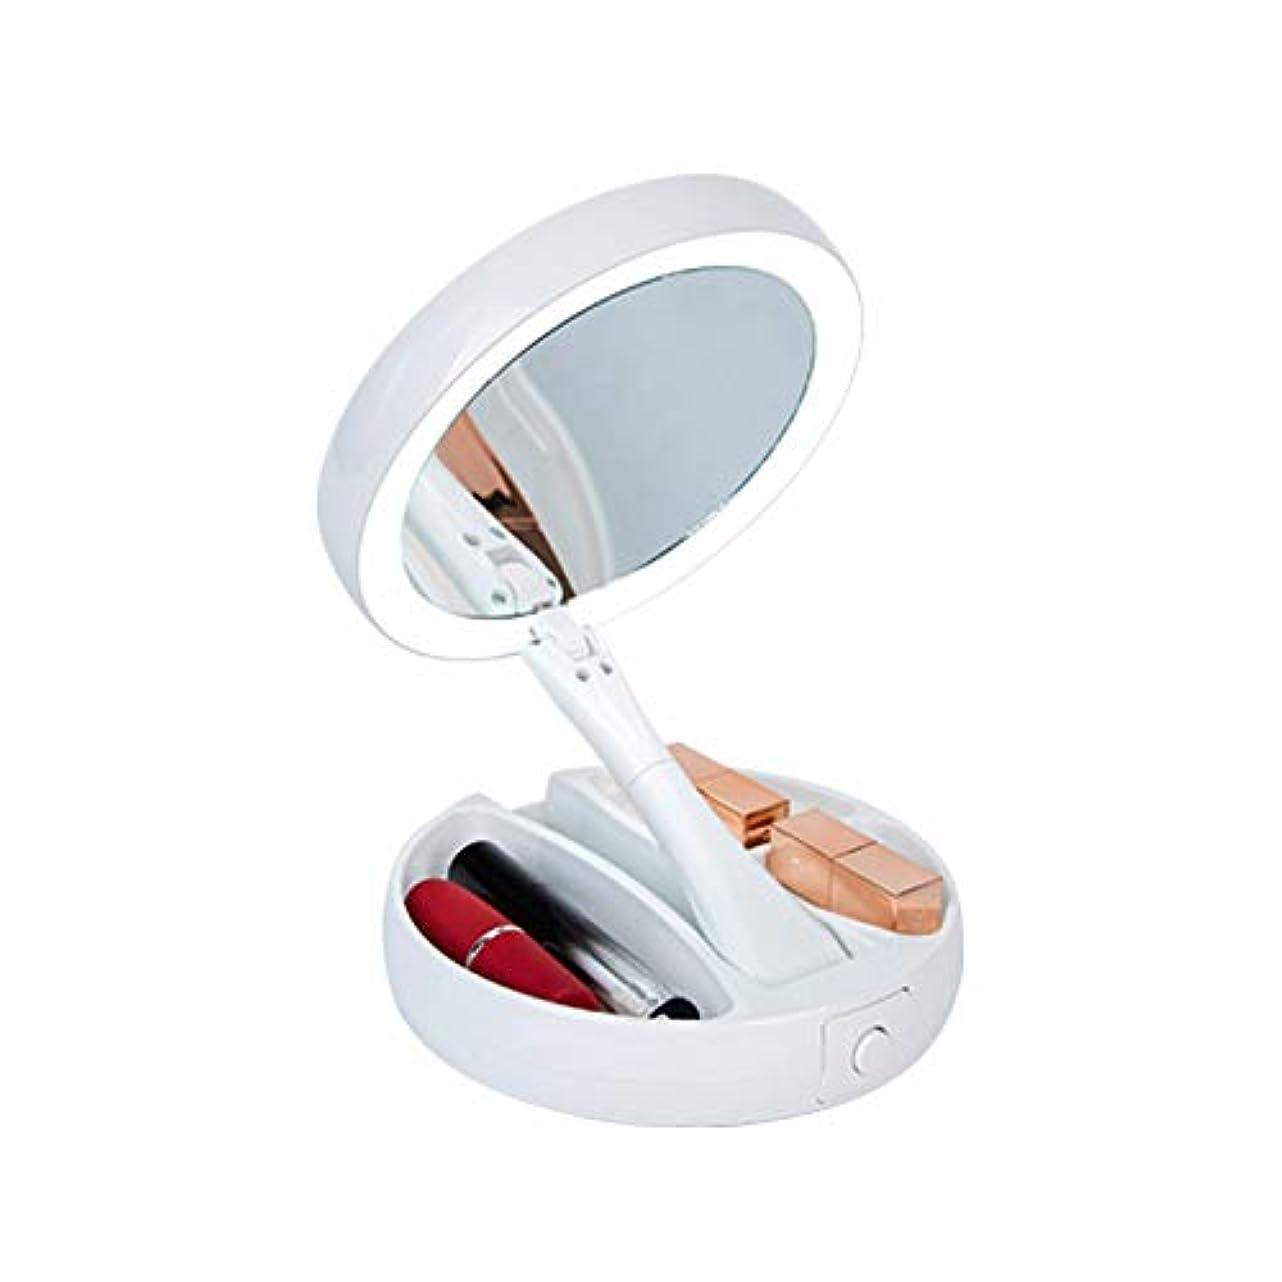 伝染性のアトラス変形する化粧鏡 等倍鏡 LED卓上化粧鏡 1X10倍拡大鏡+ メイクミラー 両面型 360度回転式 USBか電池を使って